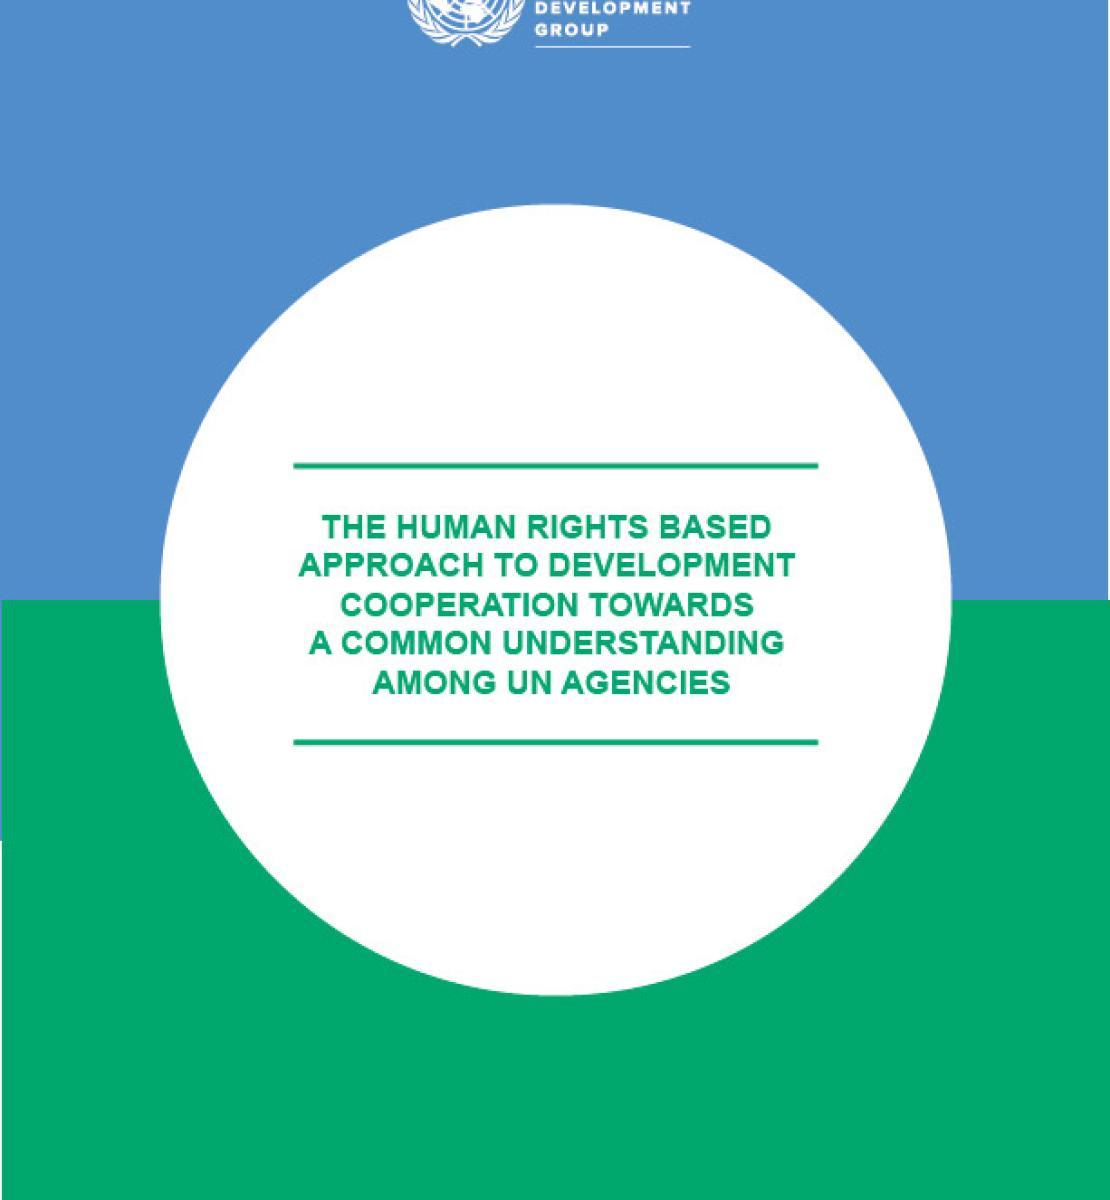 Entendimiento común de las agencias de las Naciones Unidas sobre un Enfoque Basado en los Derechos Humanos para la cooperación para el Desarrollo